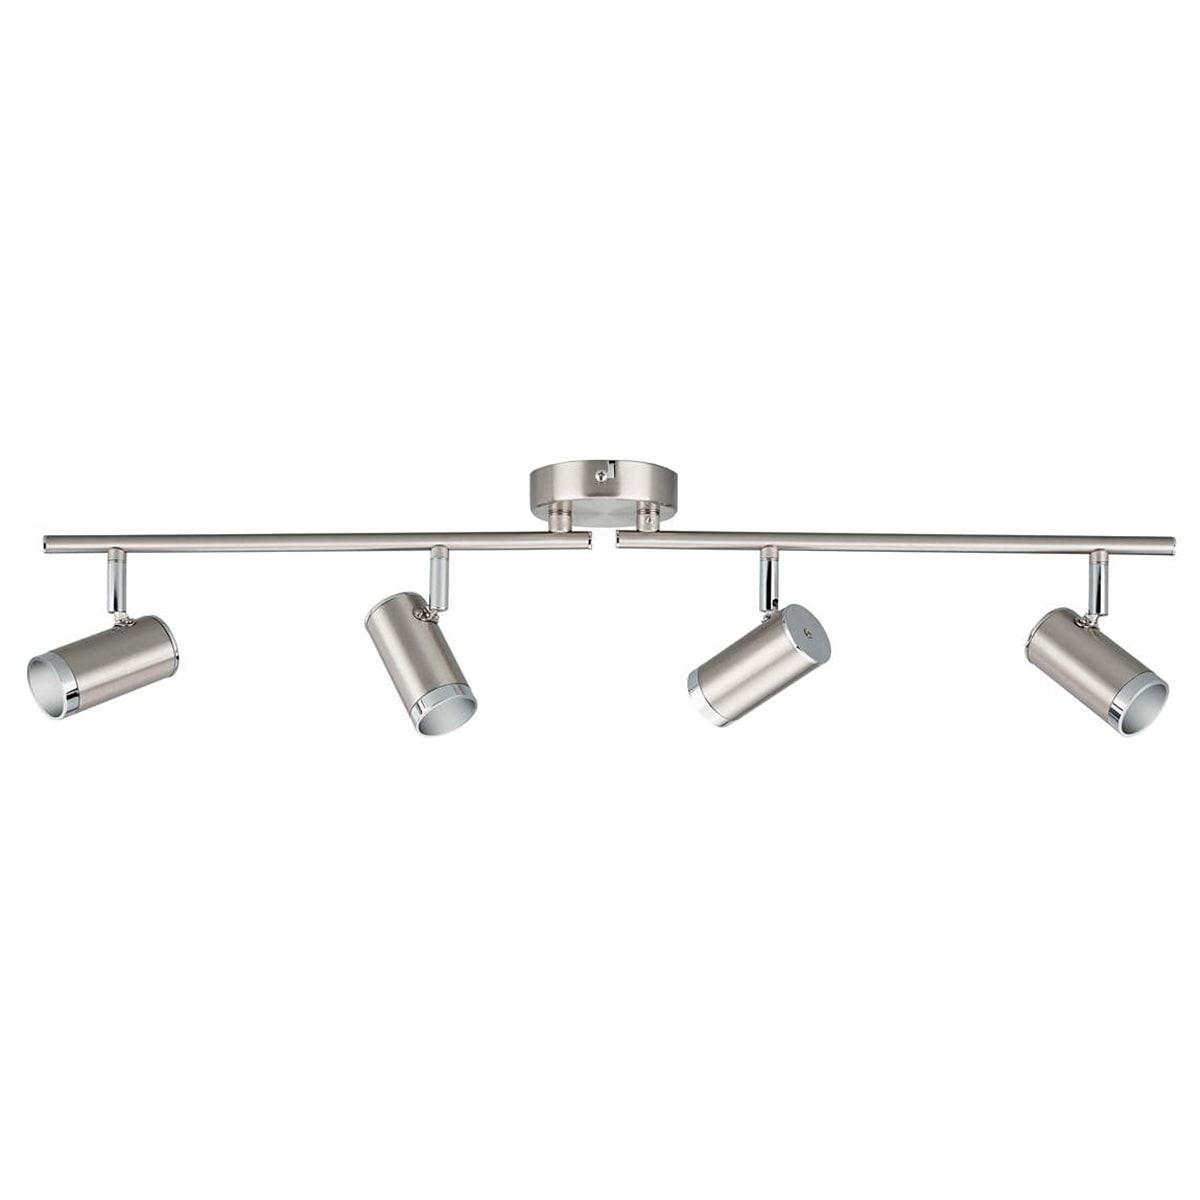 Med 4 justerbare spots og indbygget LED-lamper